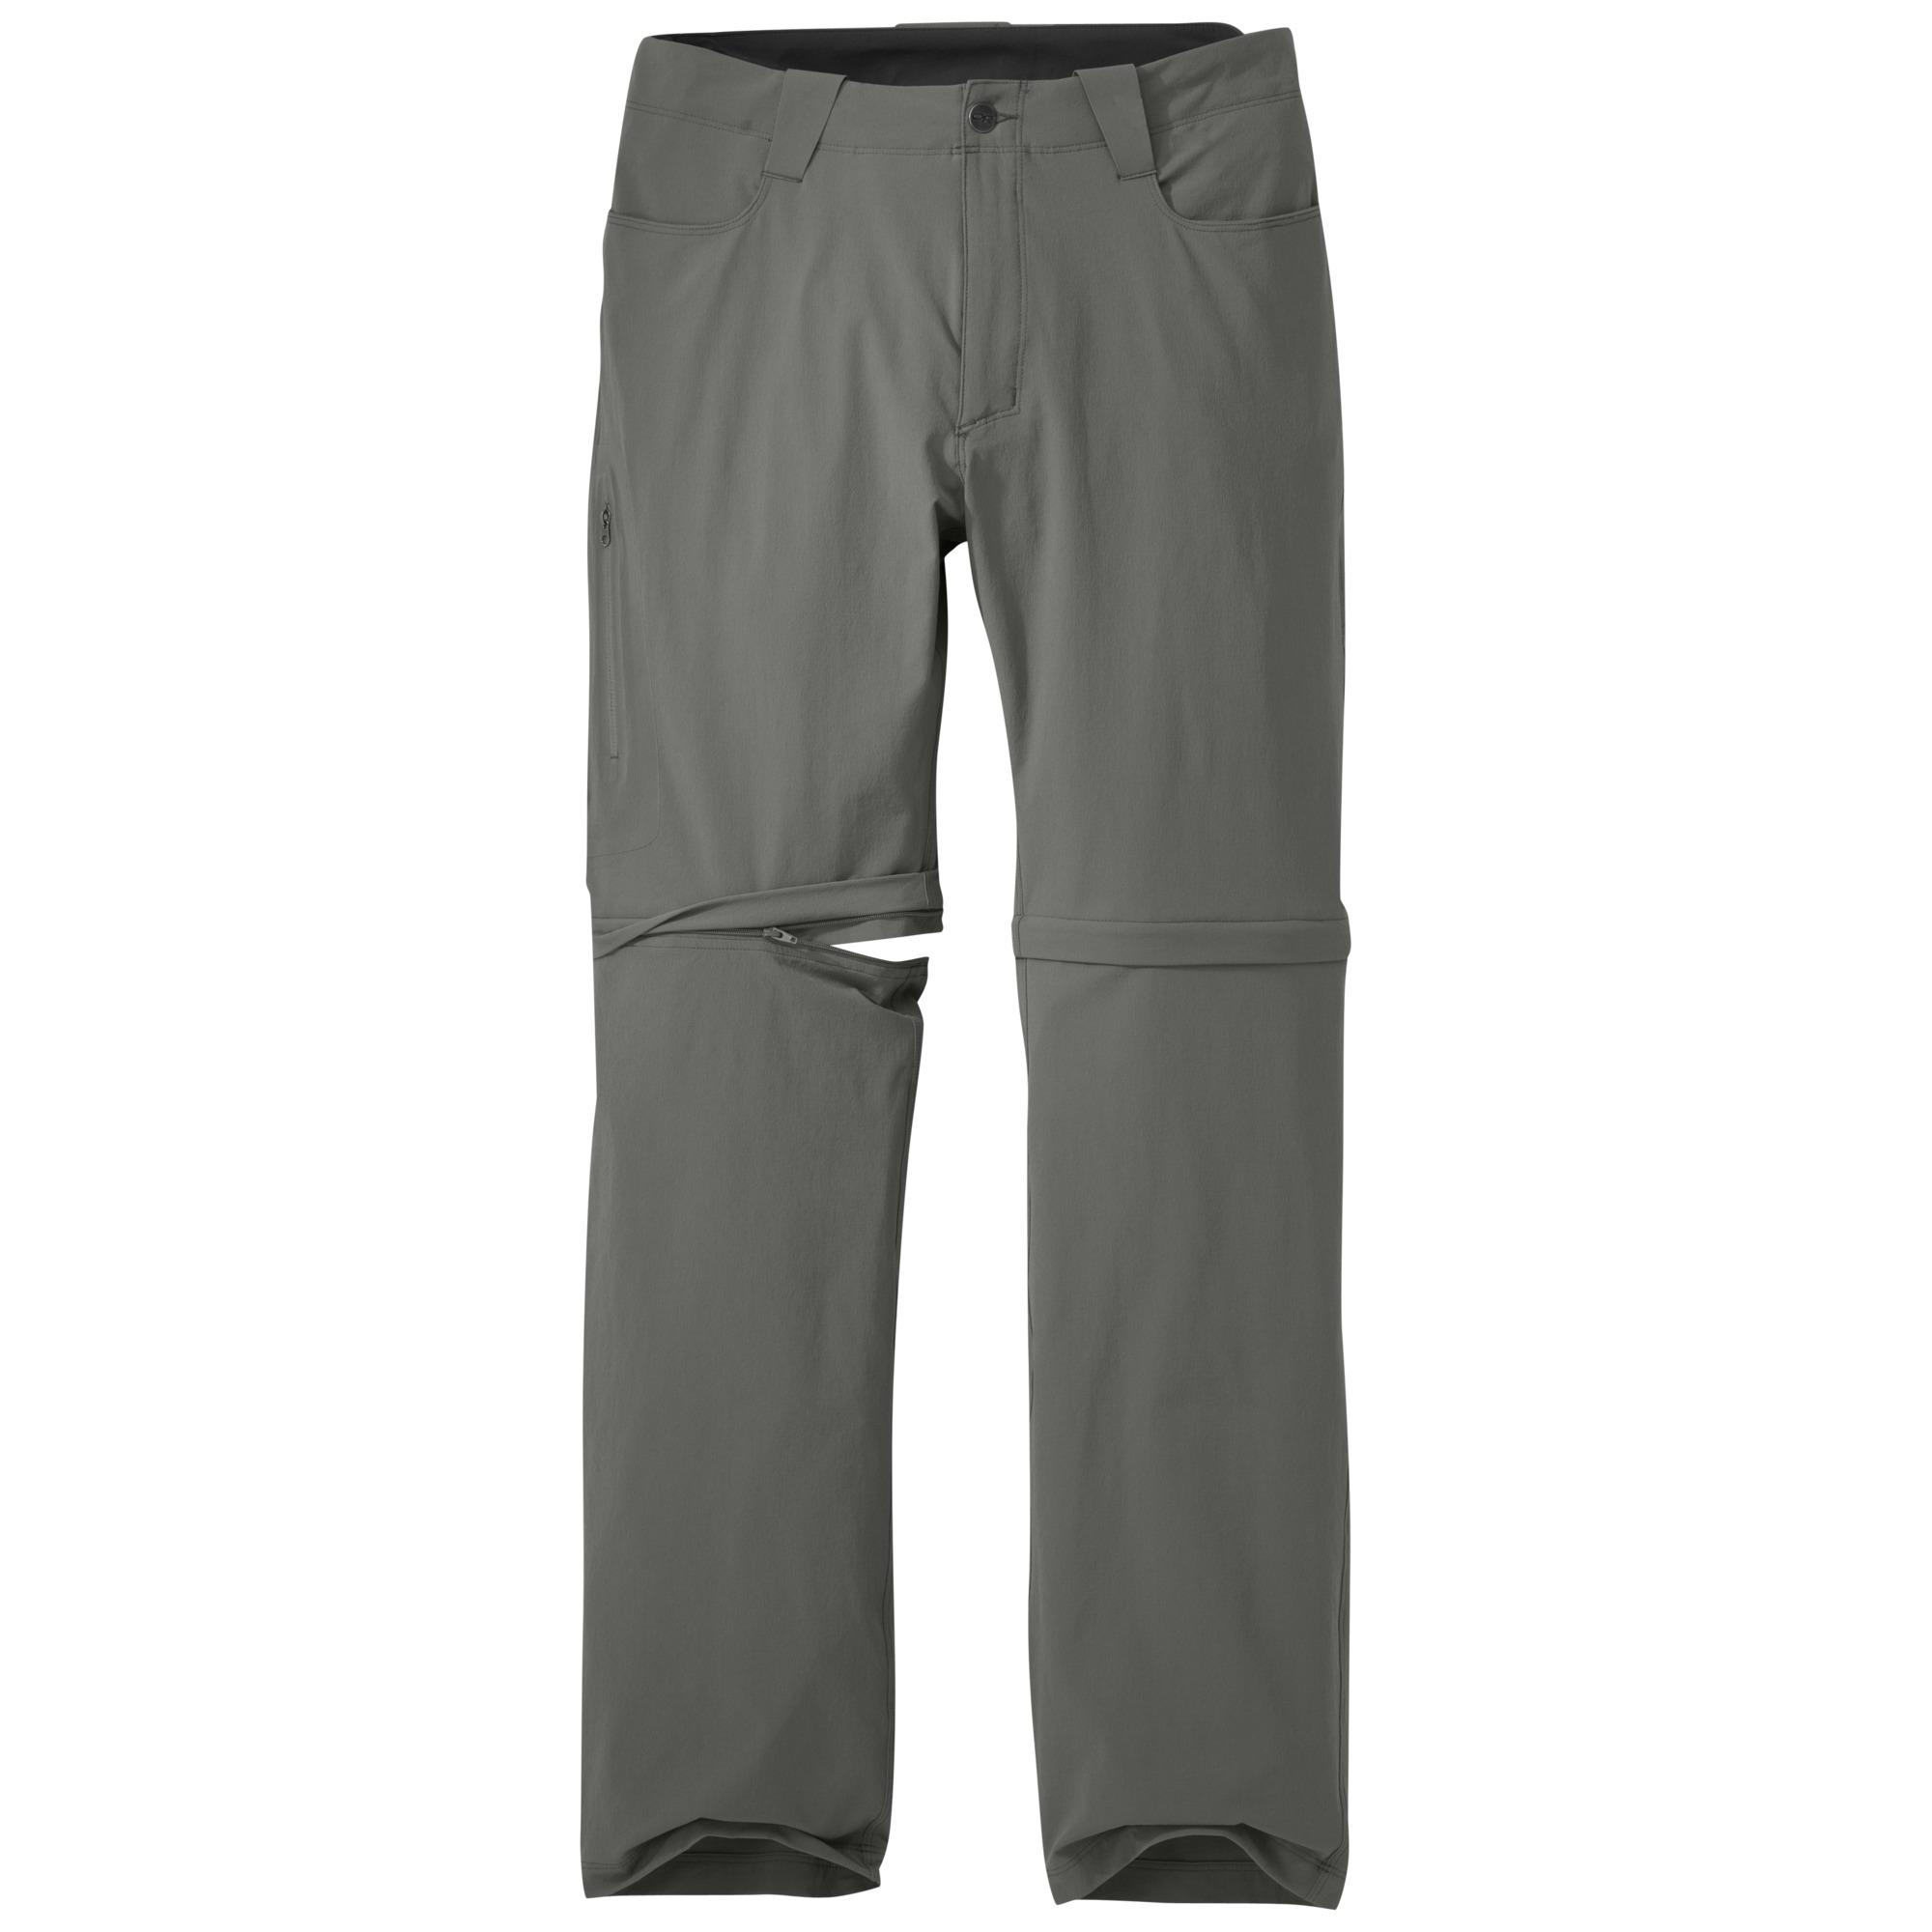 Ferrosi Convertible Pant - Men's